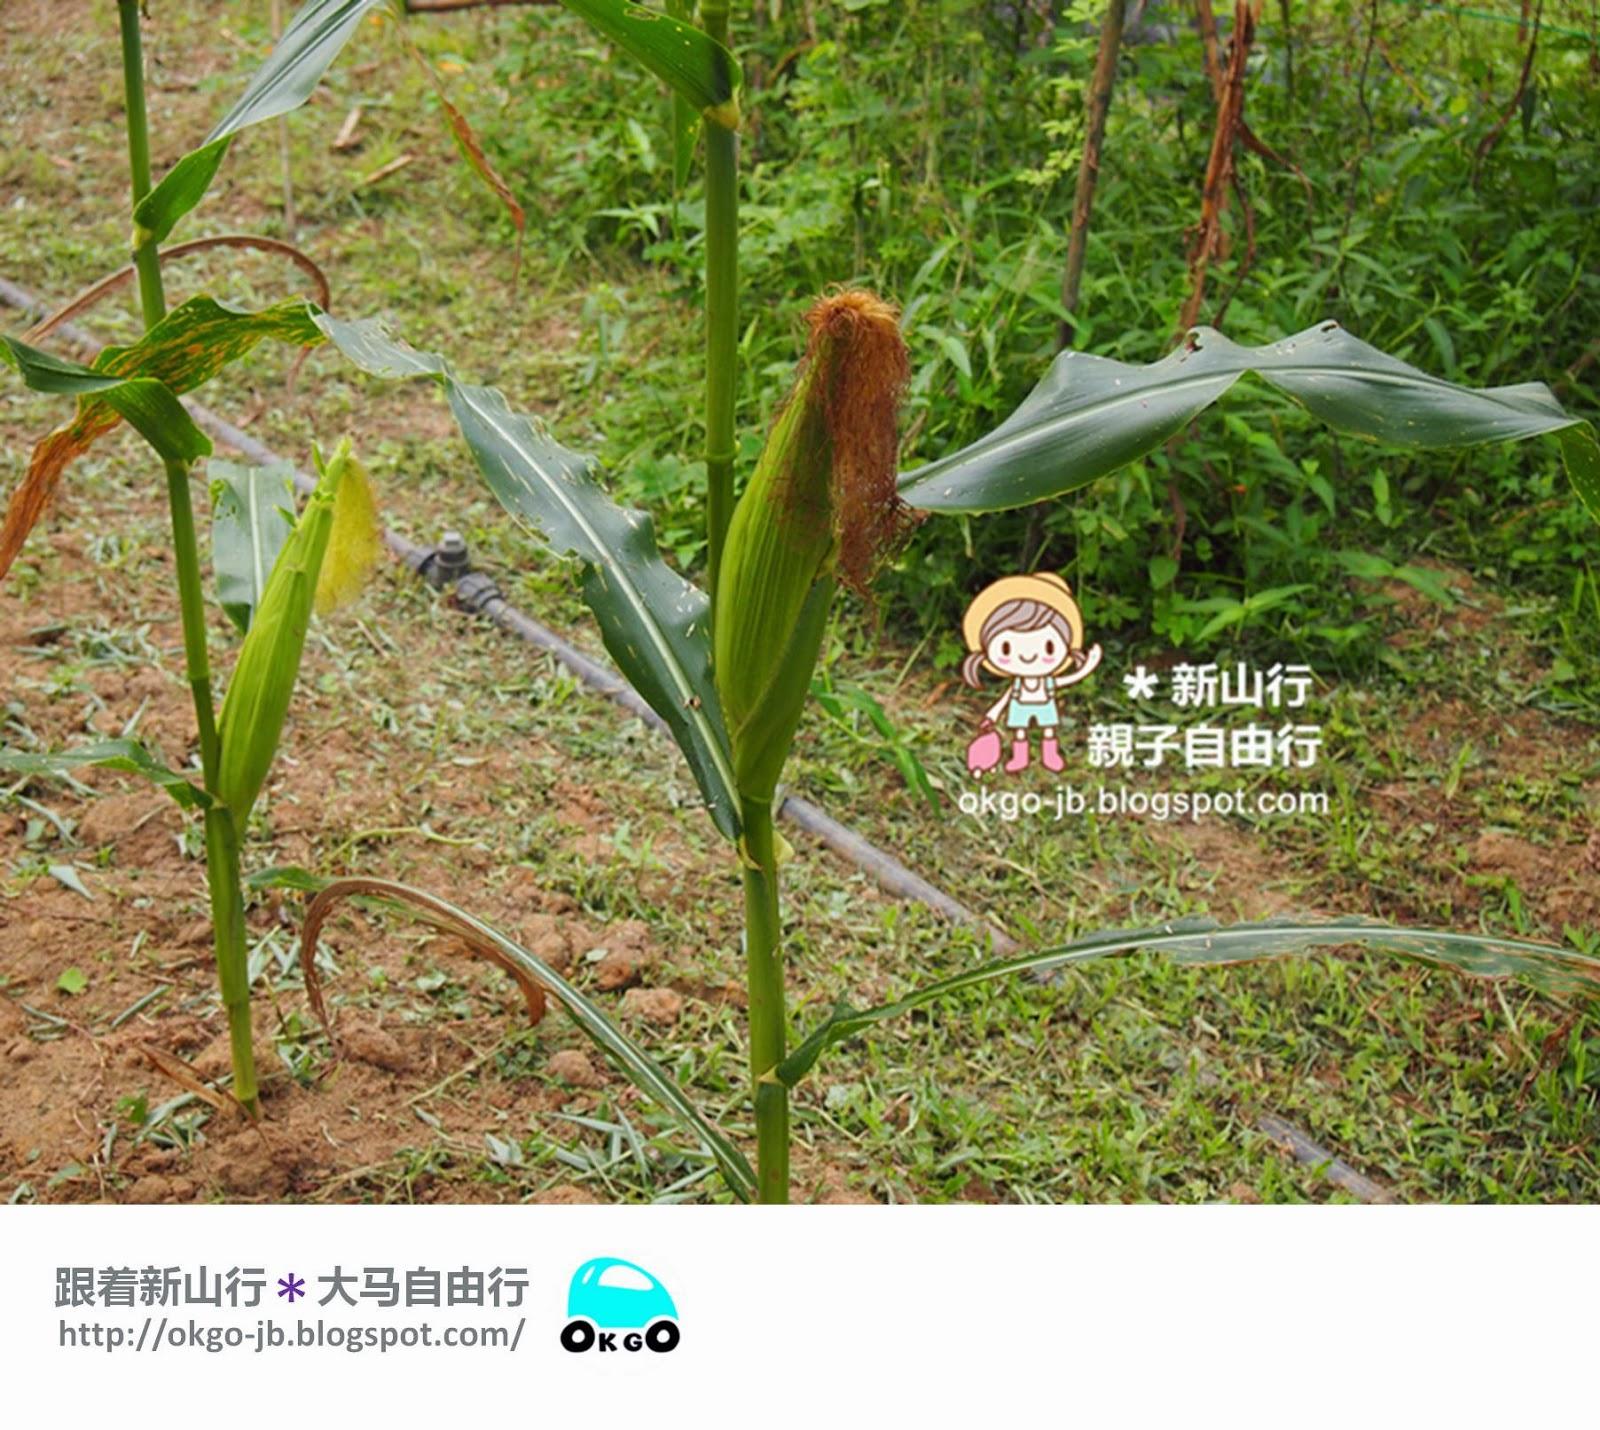 Kluang UK Farm corn